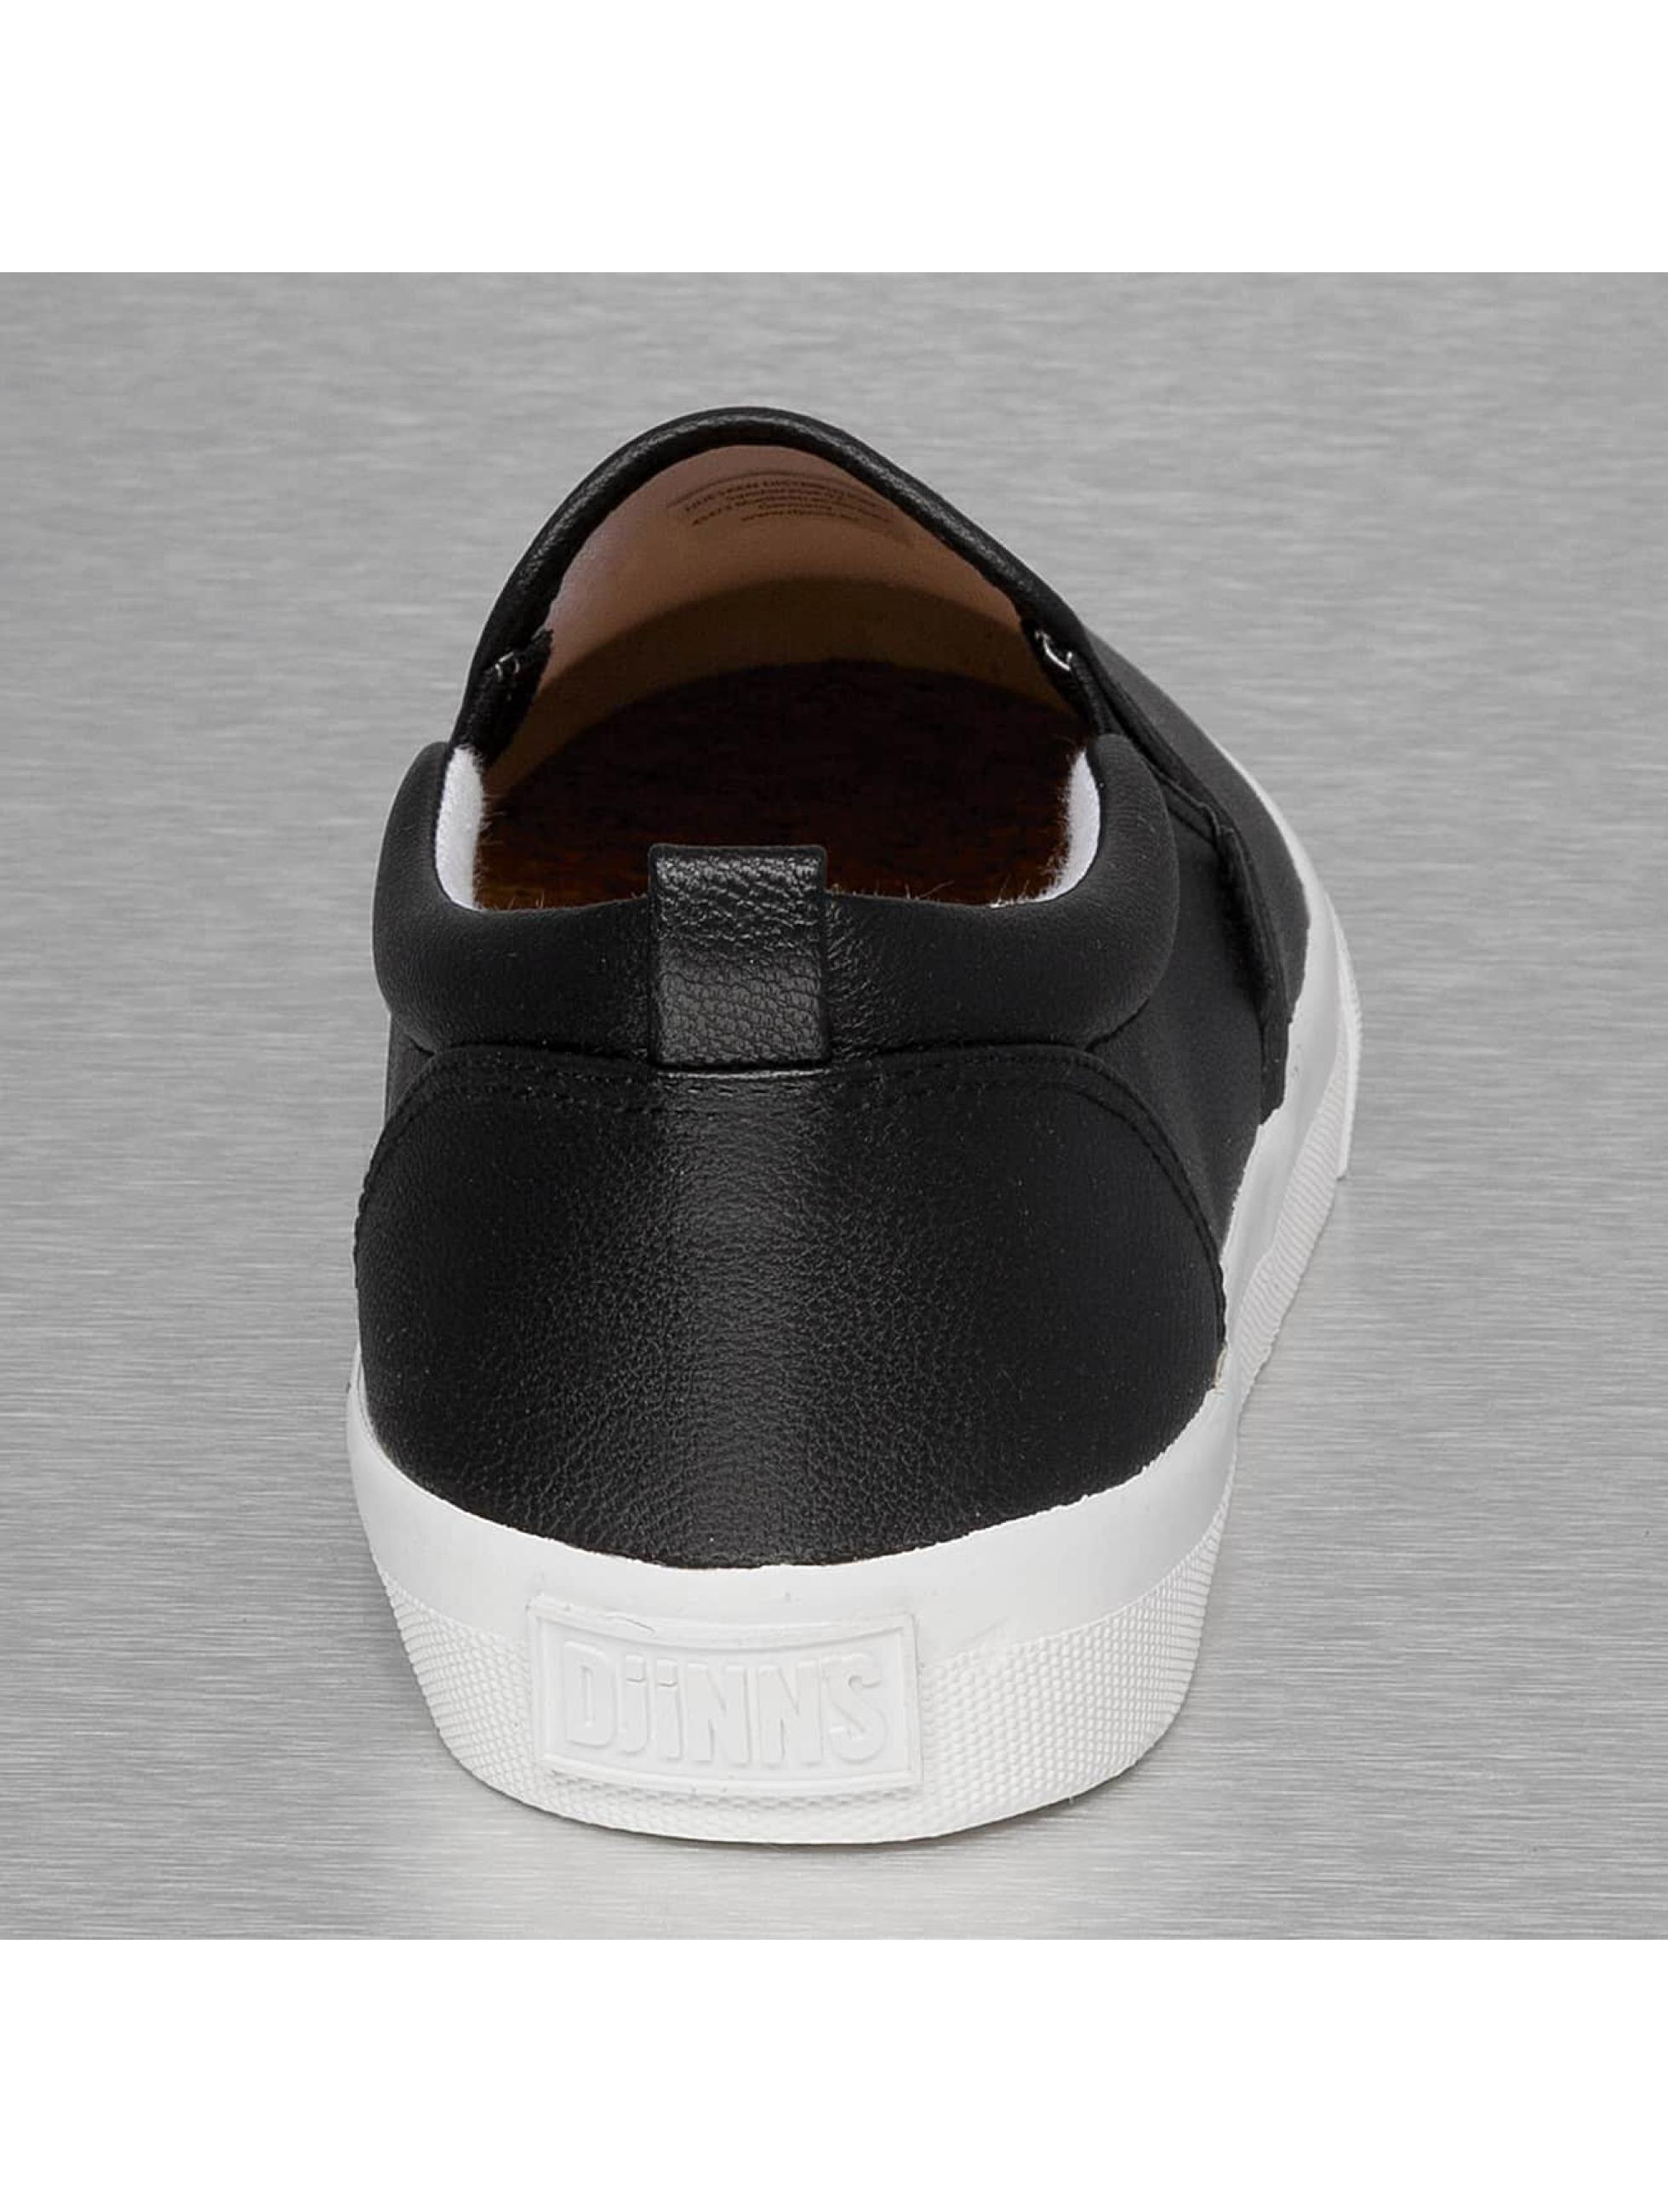 Djinns Sneaker Leather Slider schwarz